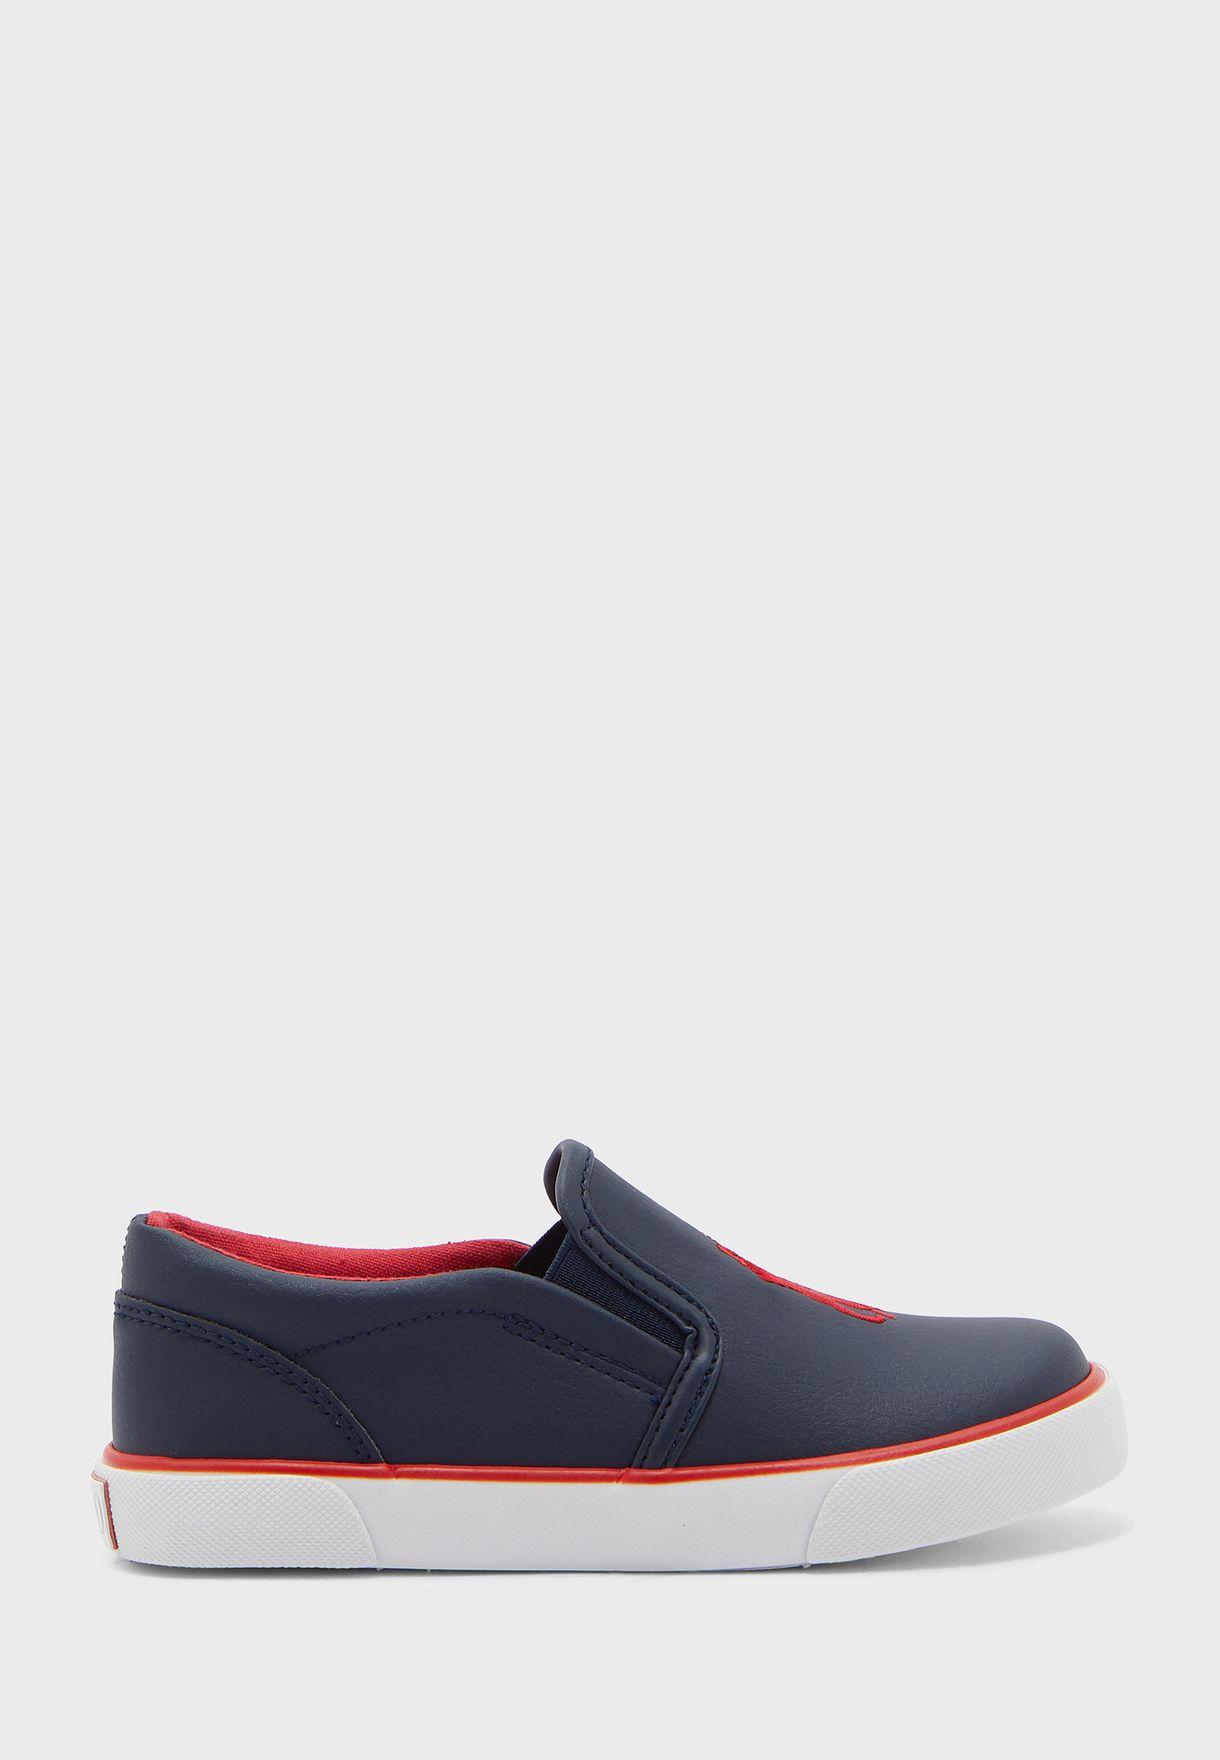 حذاء سهل الارتداء للاطفال